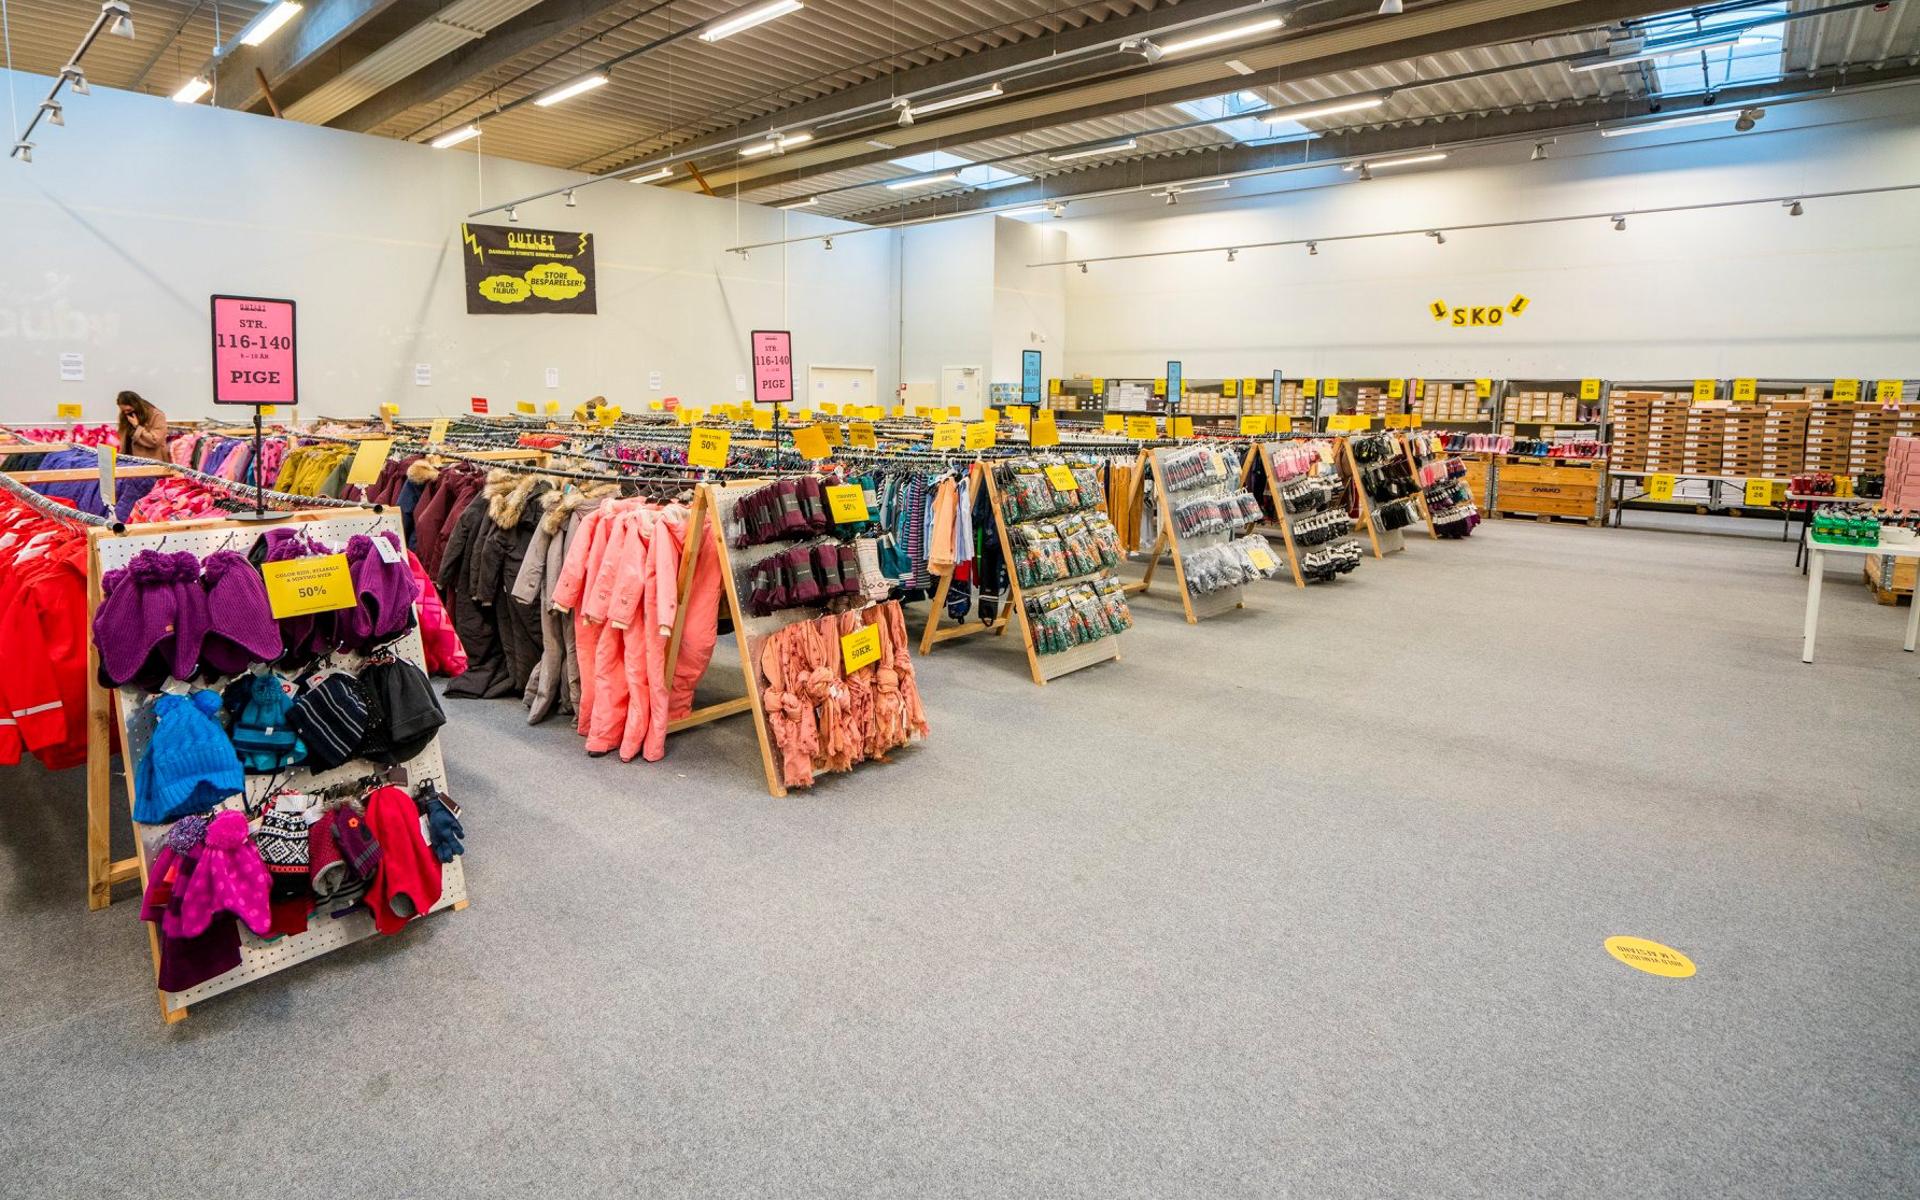 Åbner i næste uge: Danmarks største børnetøjs-outlet rammer Aarhus